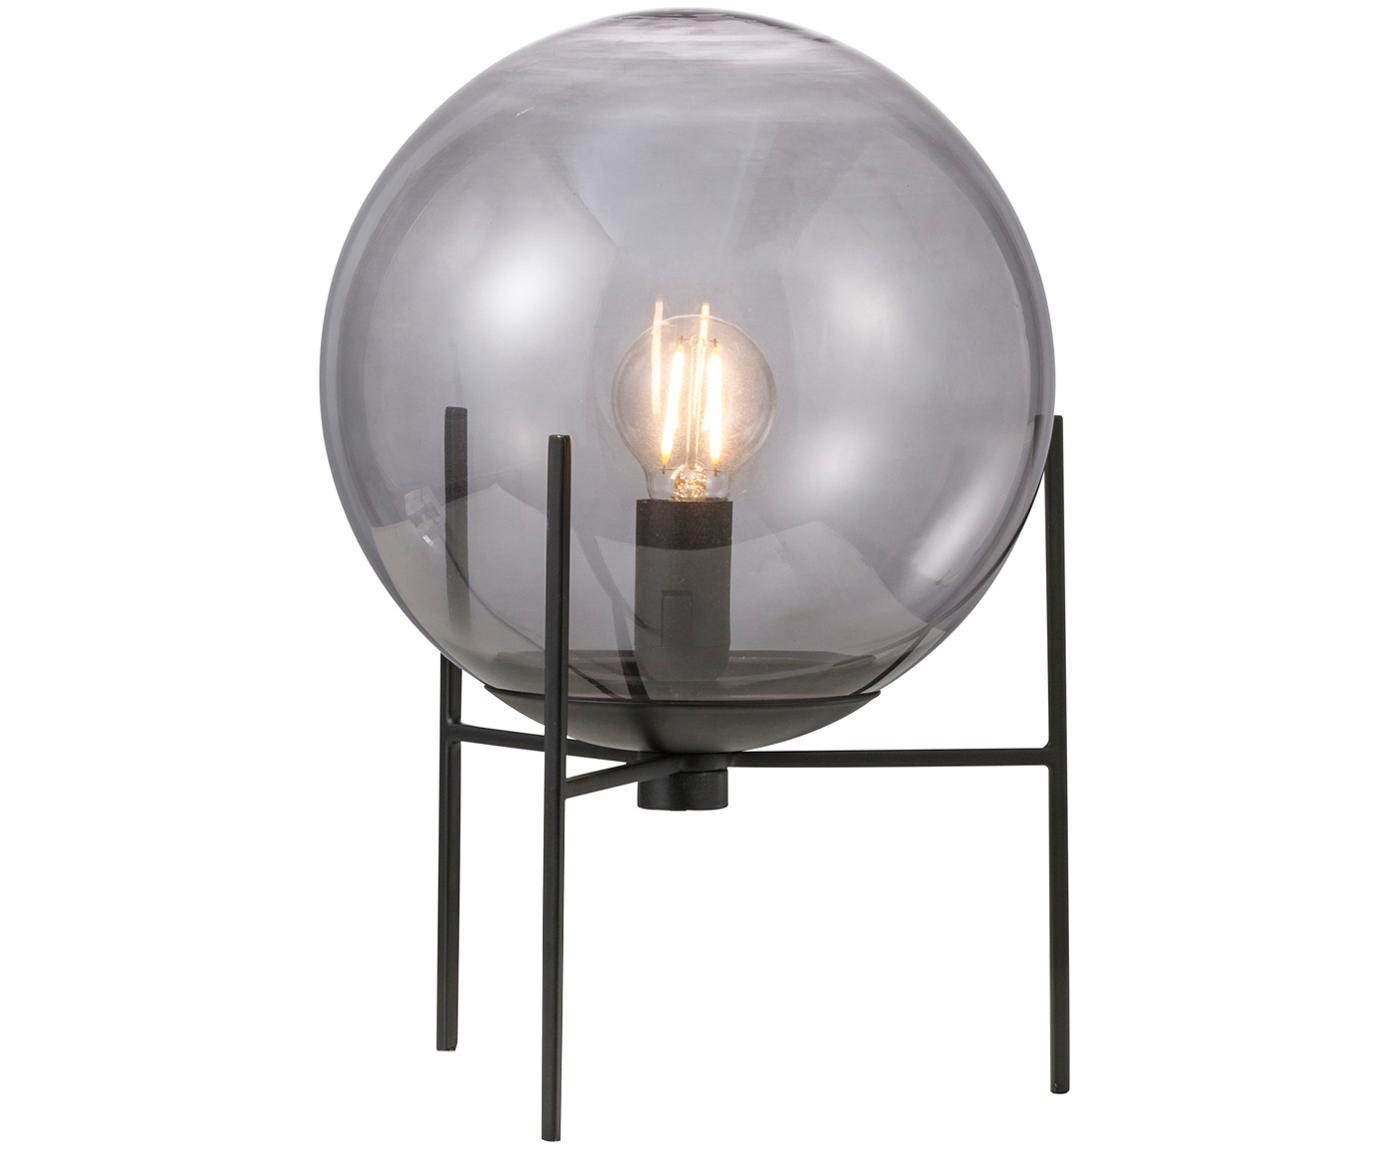 Lampada da tavolo Alton, Paralume: vetro, Struttura: metallo rivestito, Nero, grigio trasparente, Ø 20 x Alt. 29 cm